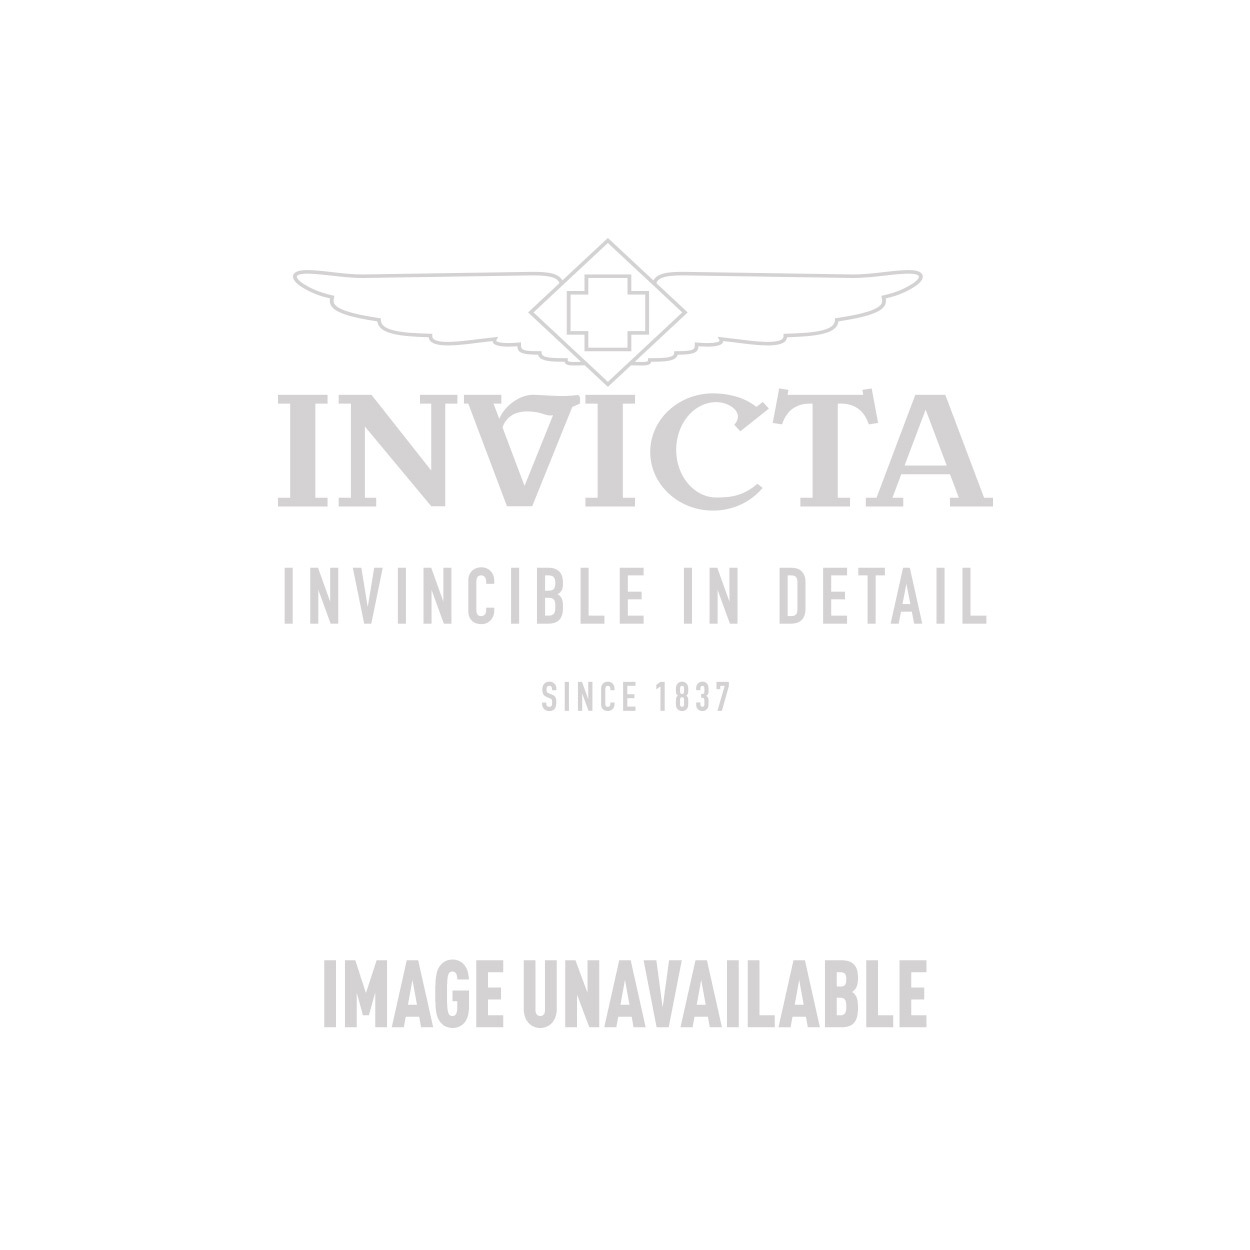 Invicta Model 27505